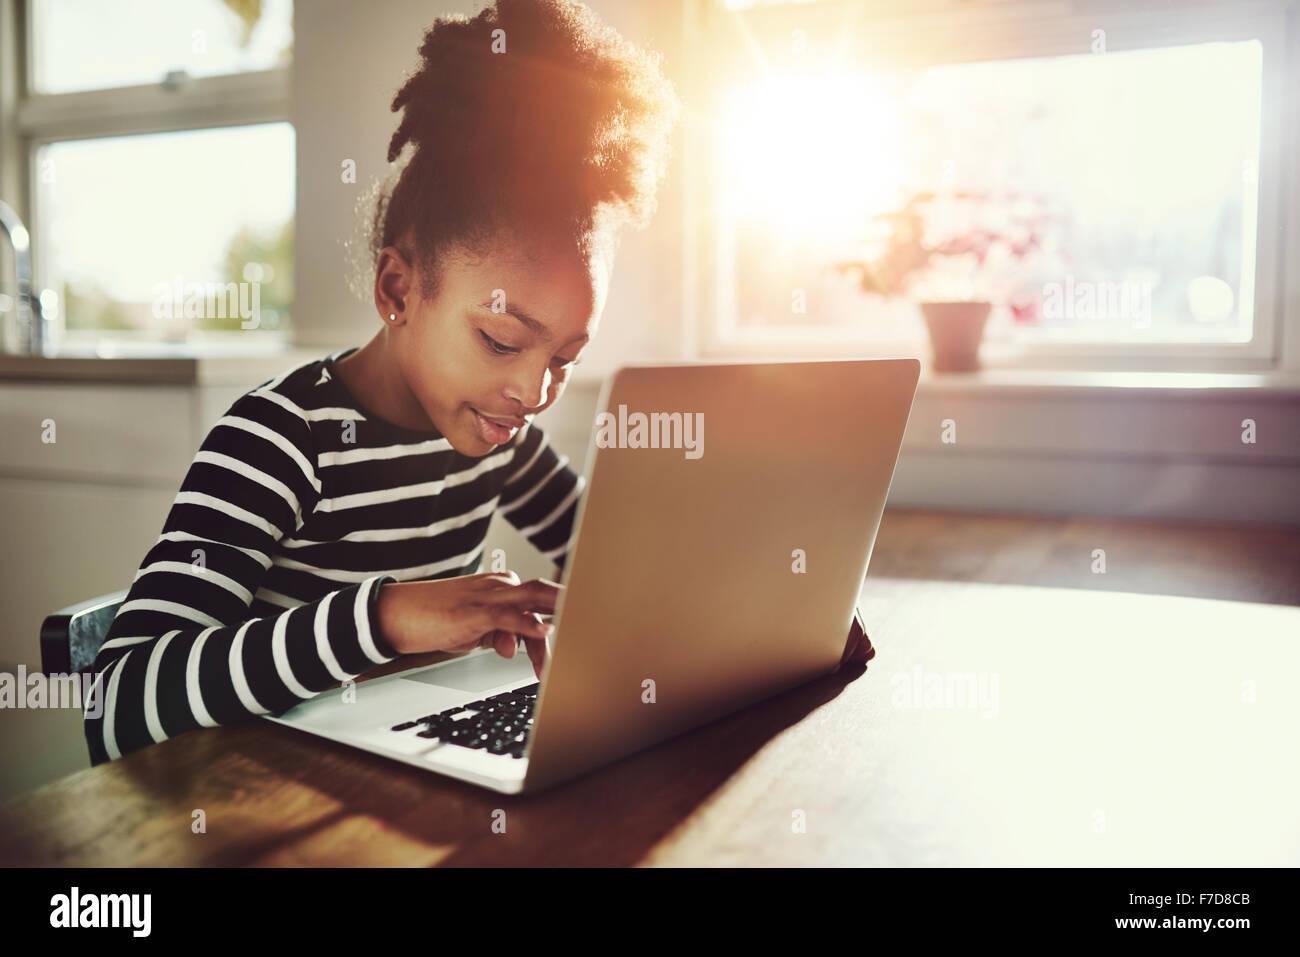 Ethnische Mädchen mit einem netten afro Frisur zu Hause sitzen mit einem Laptop Computer Ihrer Klasse Arbeit Stockbild